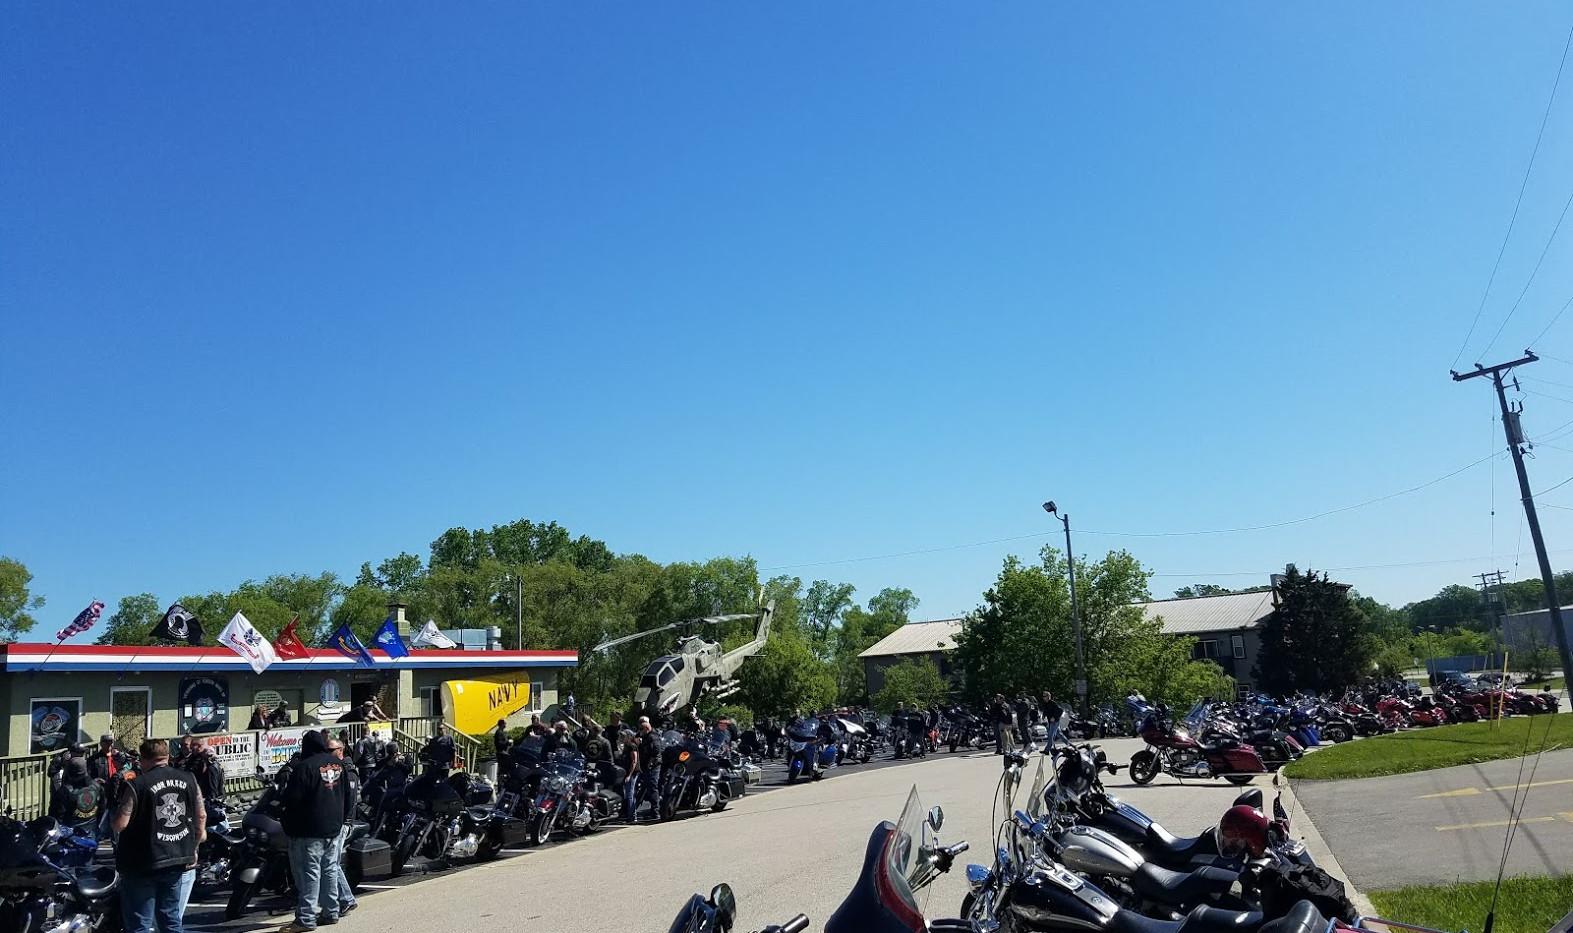 05.29.2017 Memorial Day Ride 2.jpg